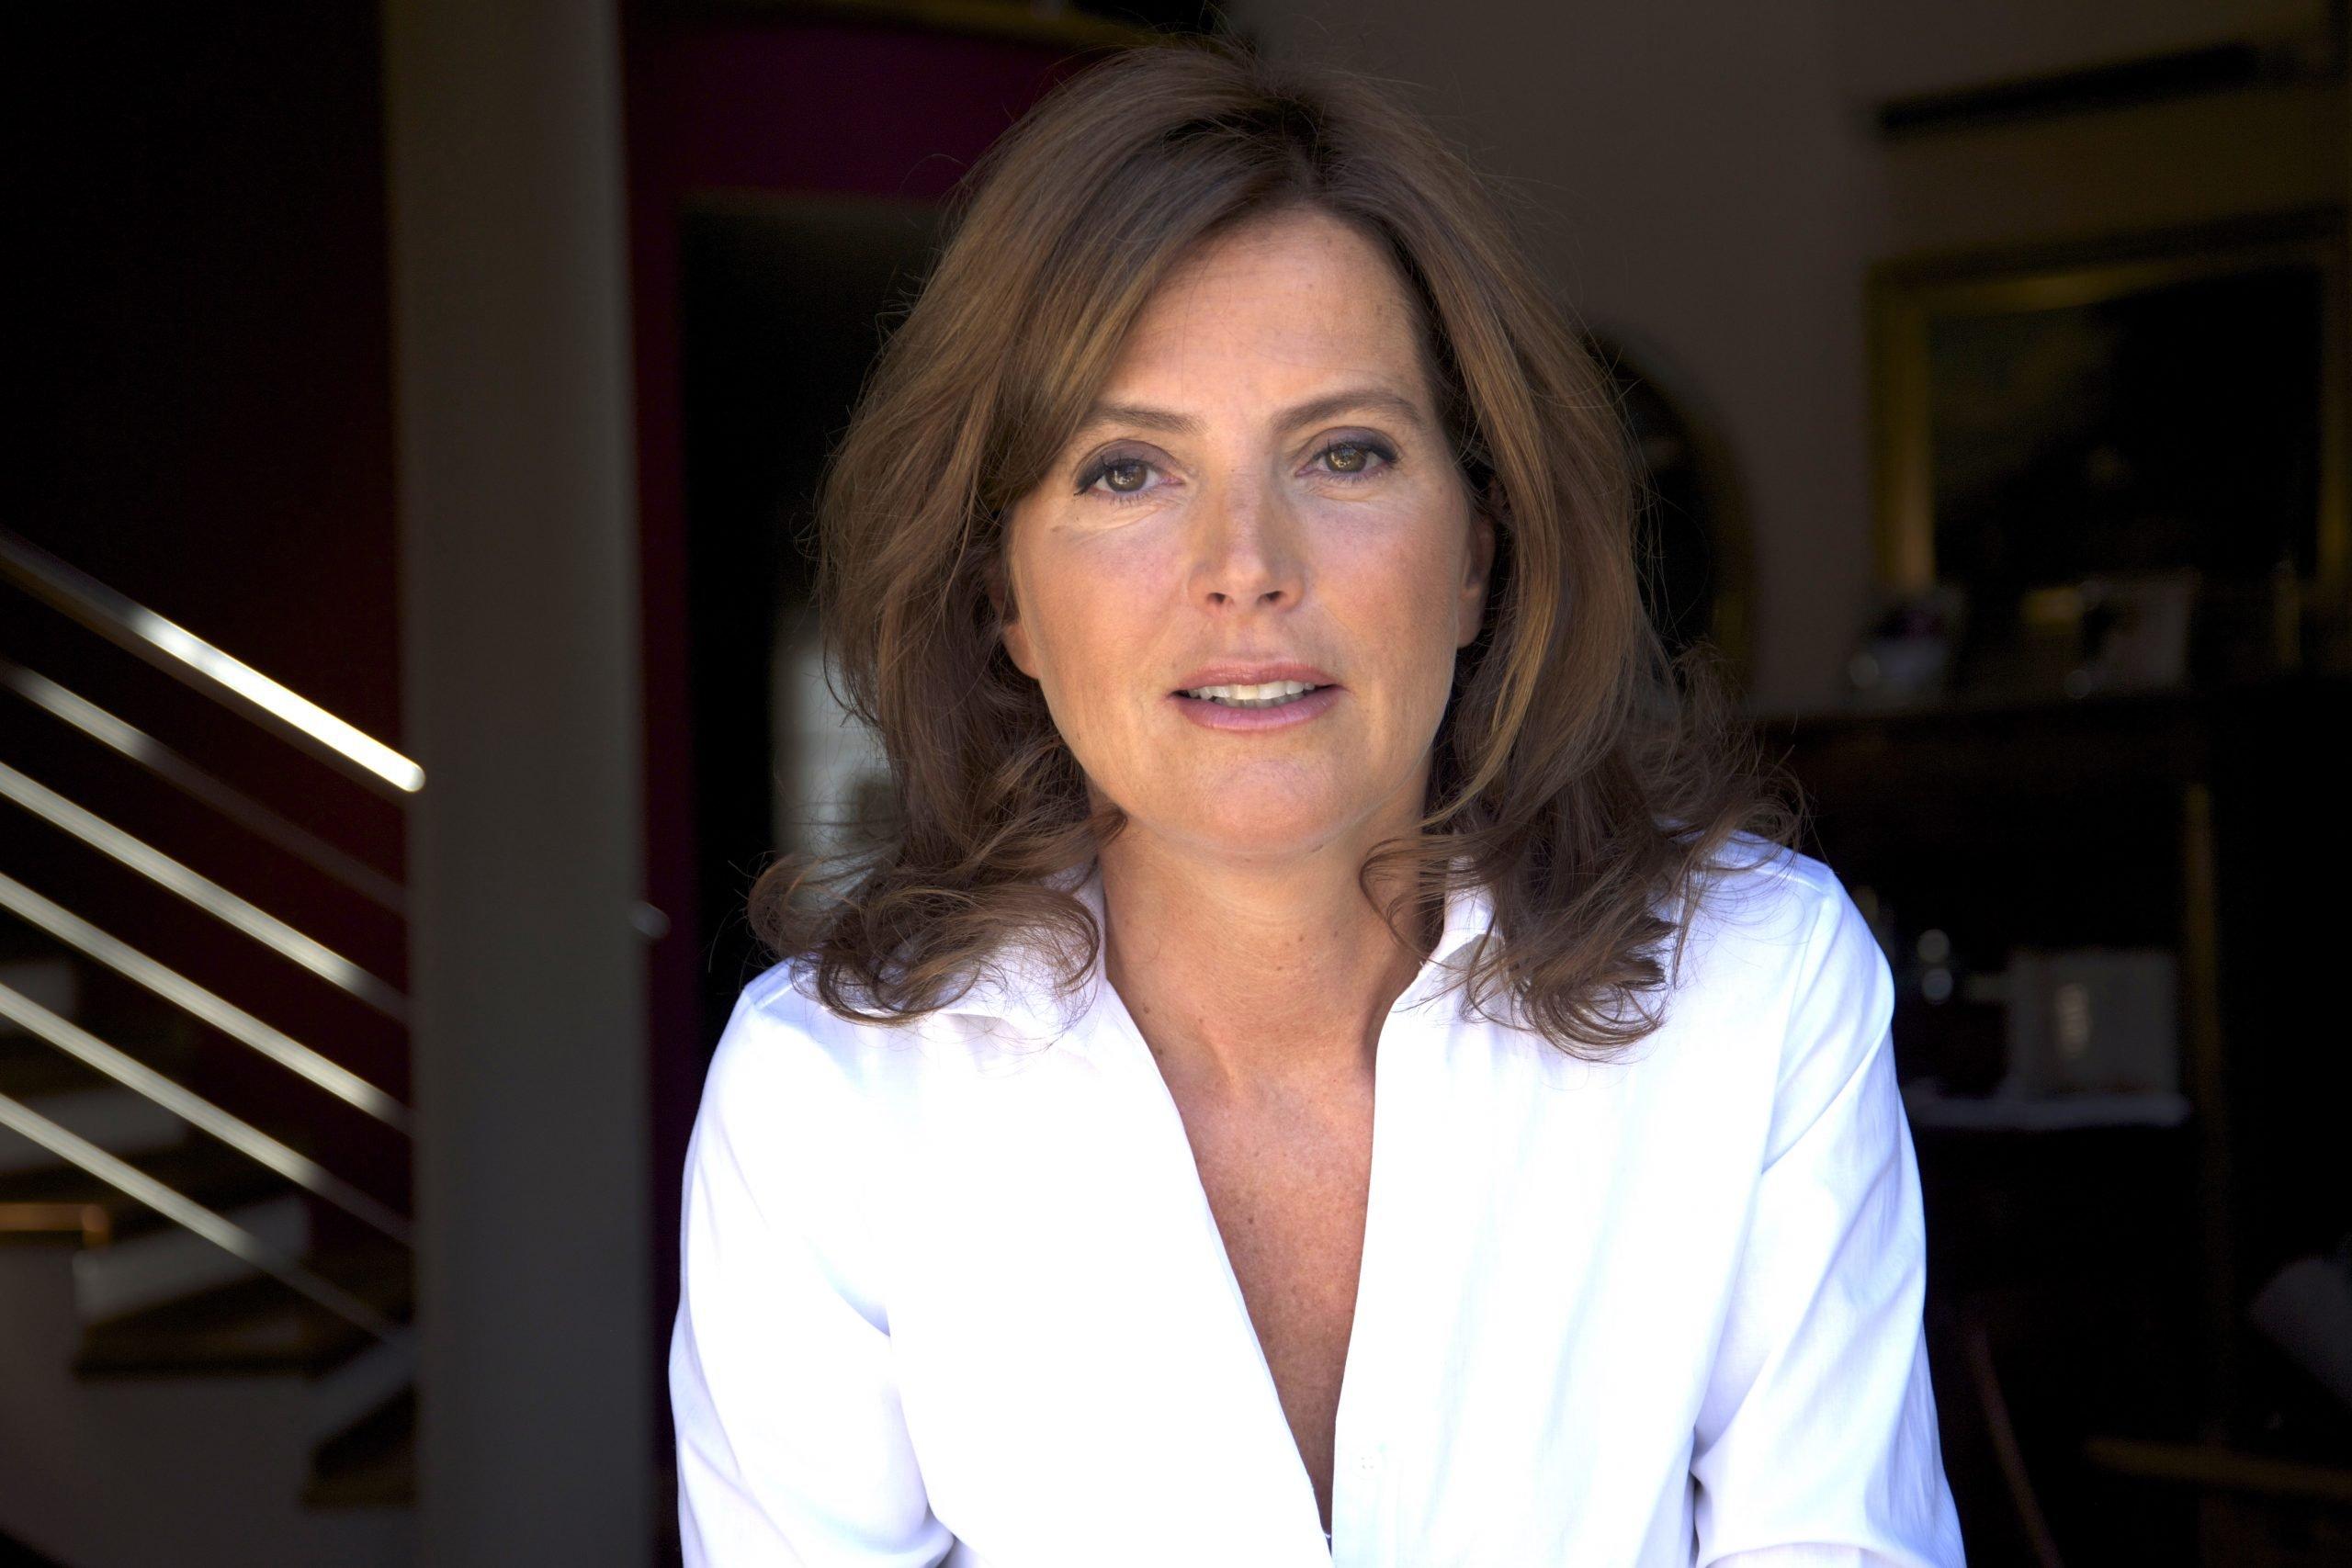 Dr Patrizia Piersini